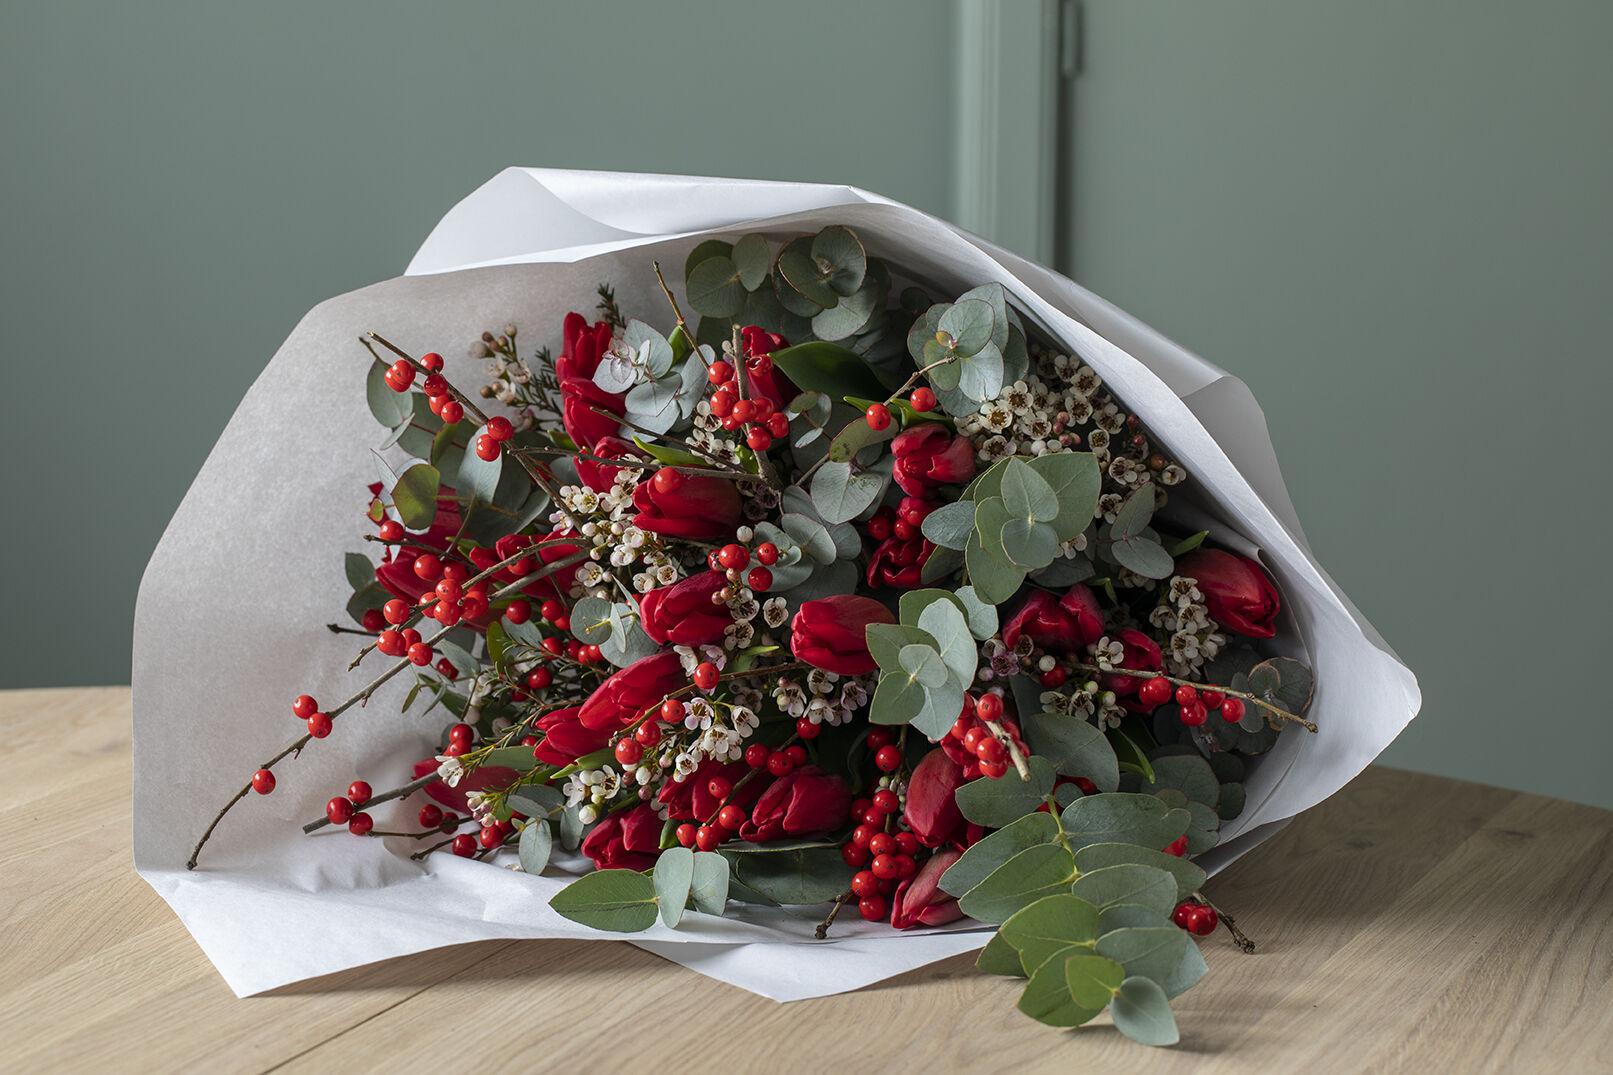 Røde tulipaner med grener i vase